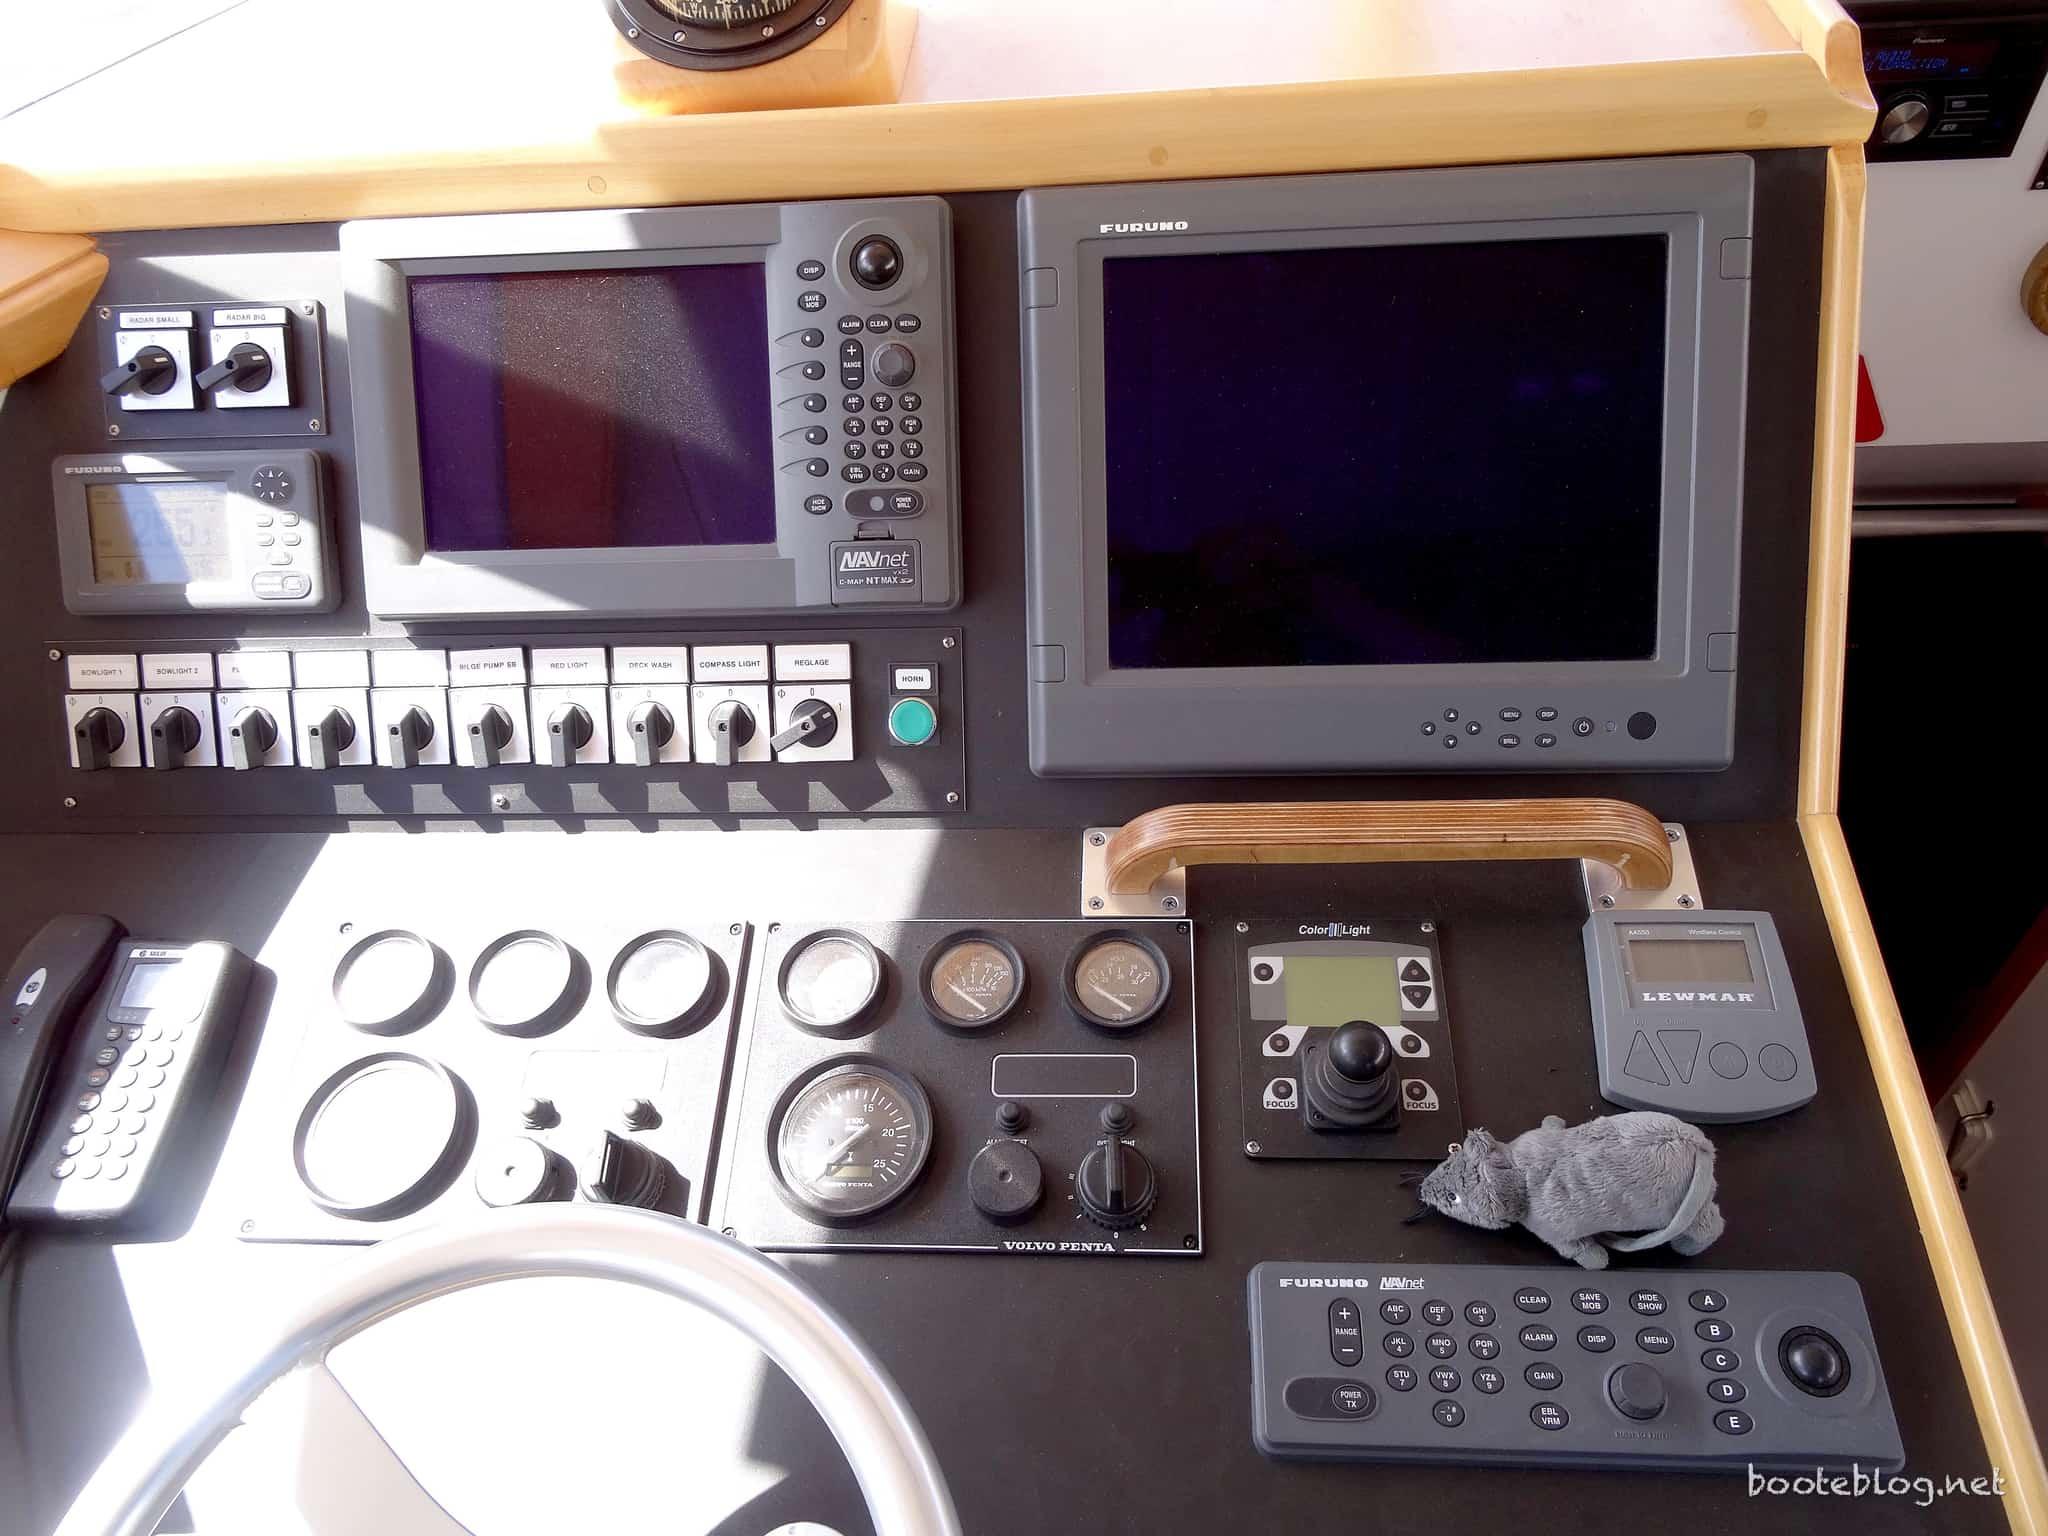 Steuerstand mit professioneller Furuno Ausrüstung und Redundanz durch zwei Plotter.